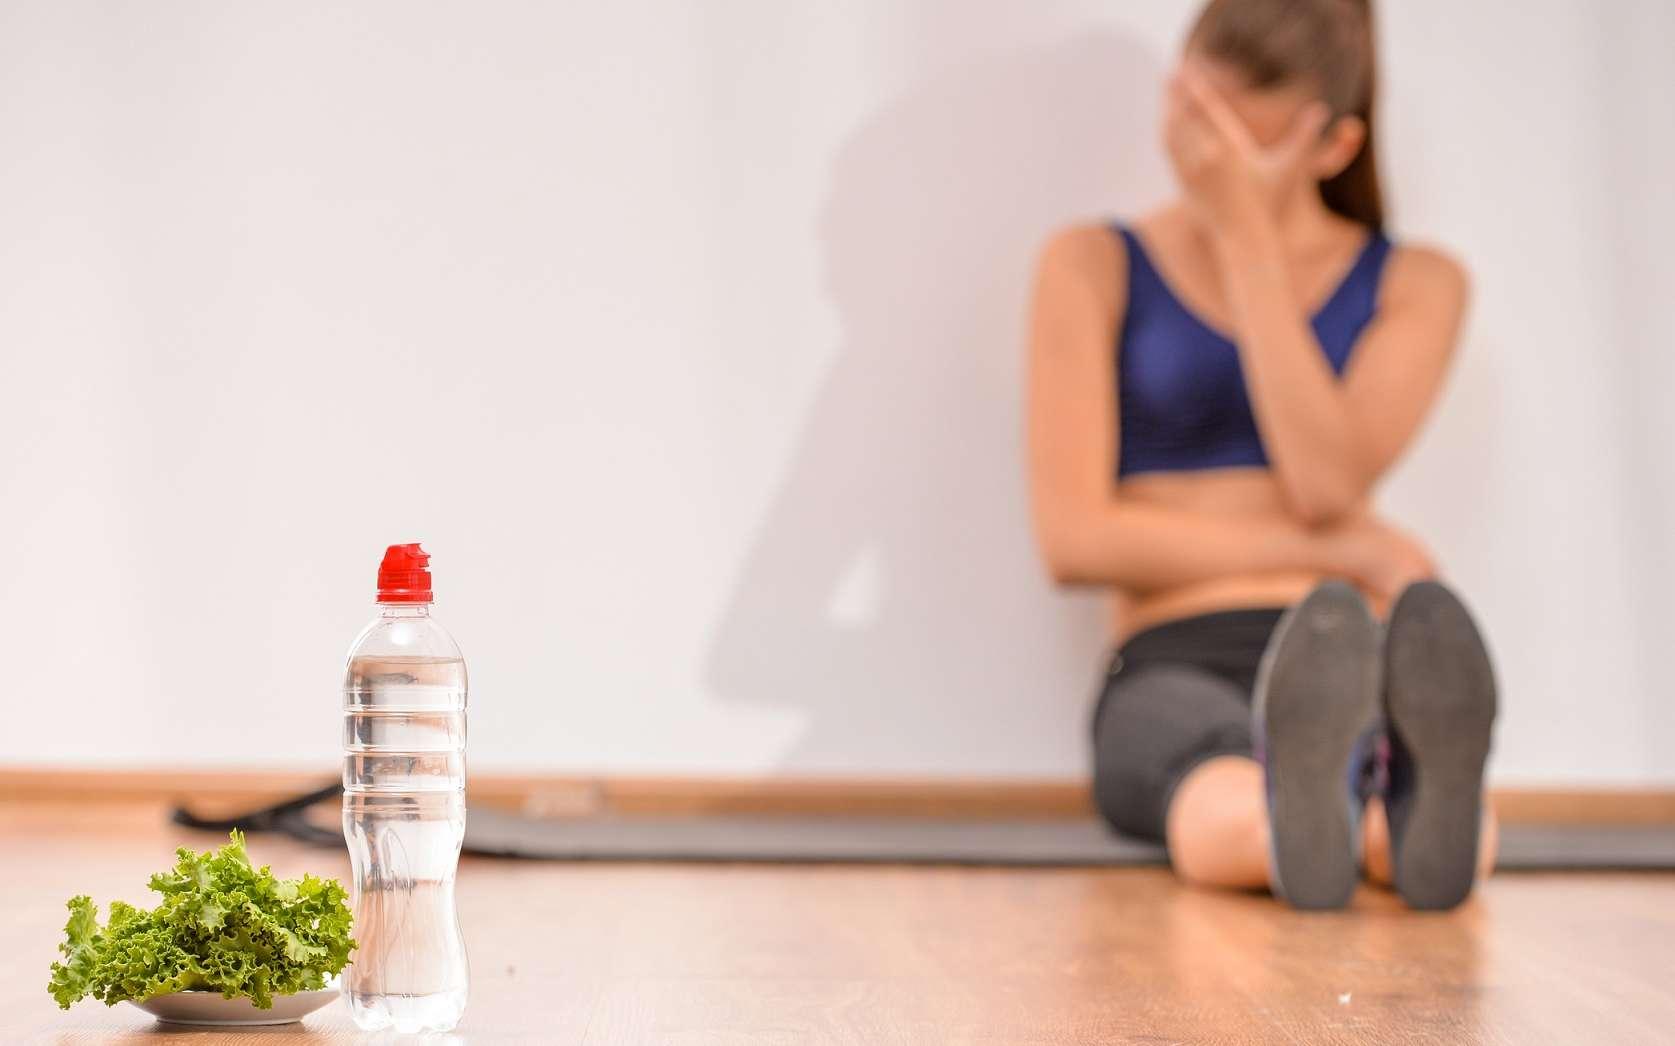 Le patient atteint de trouble du comportement alimentaire (TCA) doit retrouver une alimentation normale, grâce à un suivi médical, diététique et psychologique. © Yuriy Rudyy, Shutterstock